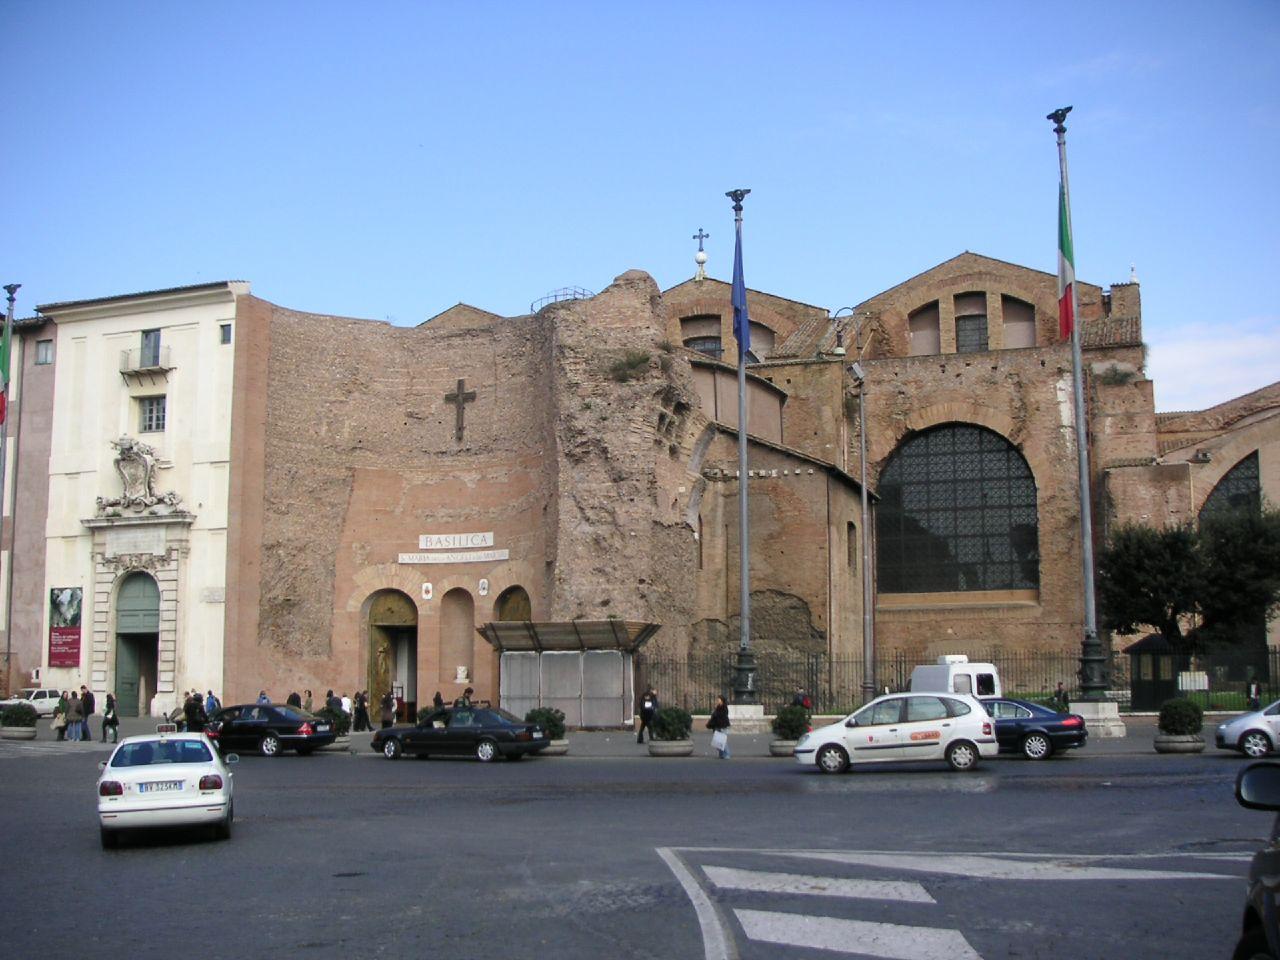 Национальный музей Рима, базилика Санта-Мария-дельи-Анджели-э-деи-Мартири